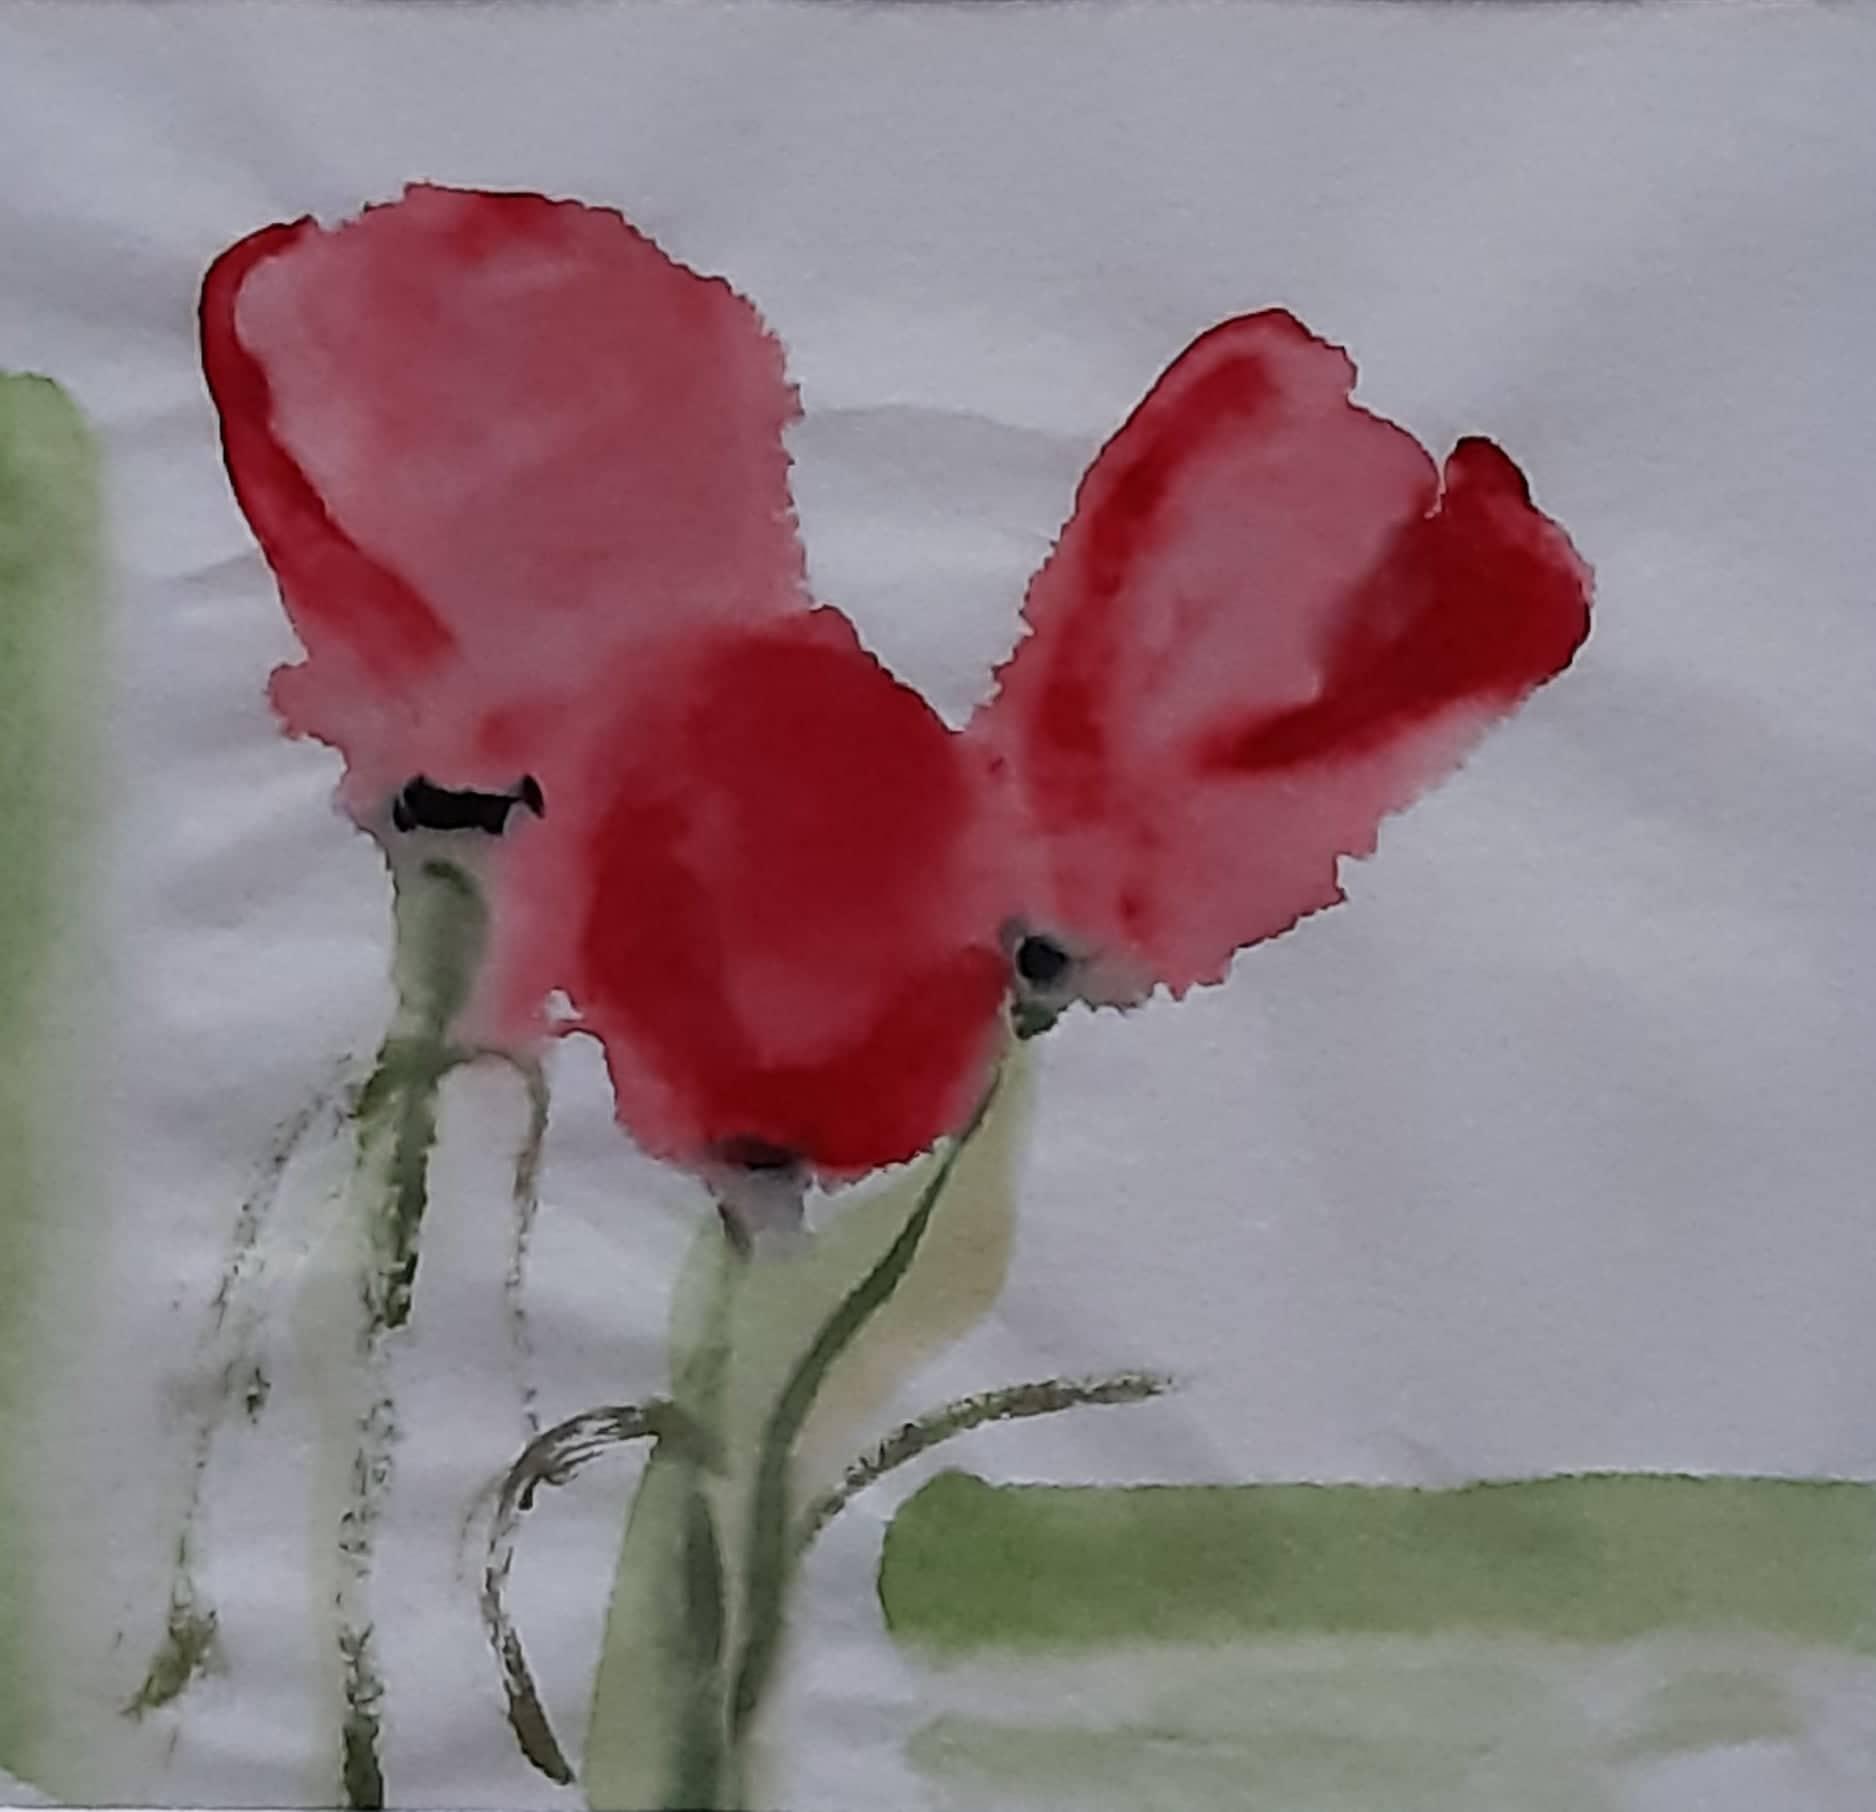 fiori acquerello su carta di riso 19 x 18 cm 2019